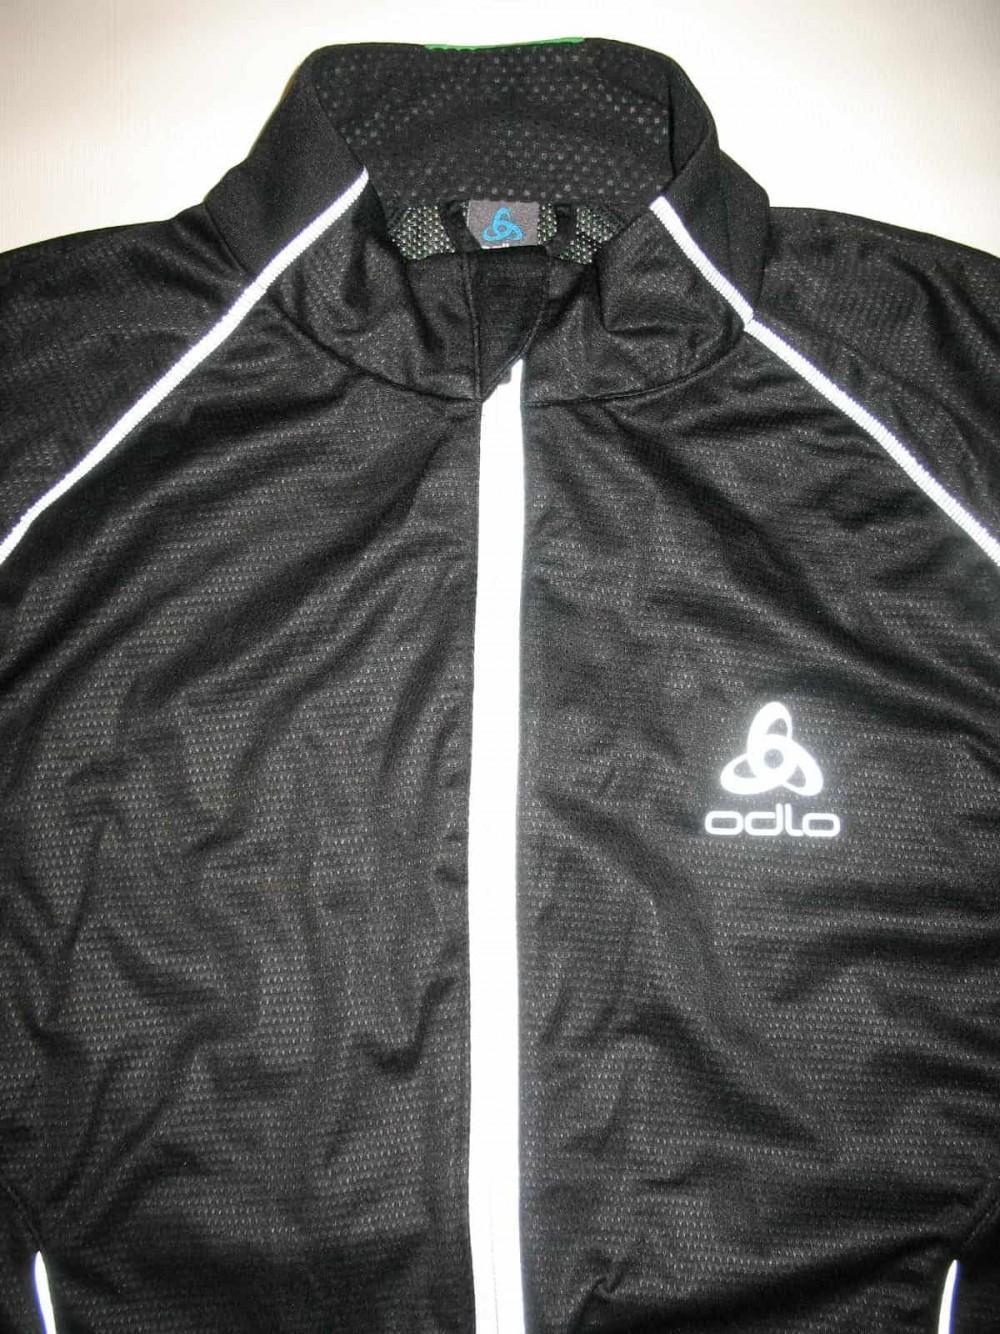 Куртка ODLO Frequency II jacket (размер XL) - 3